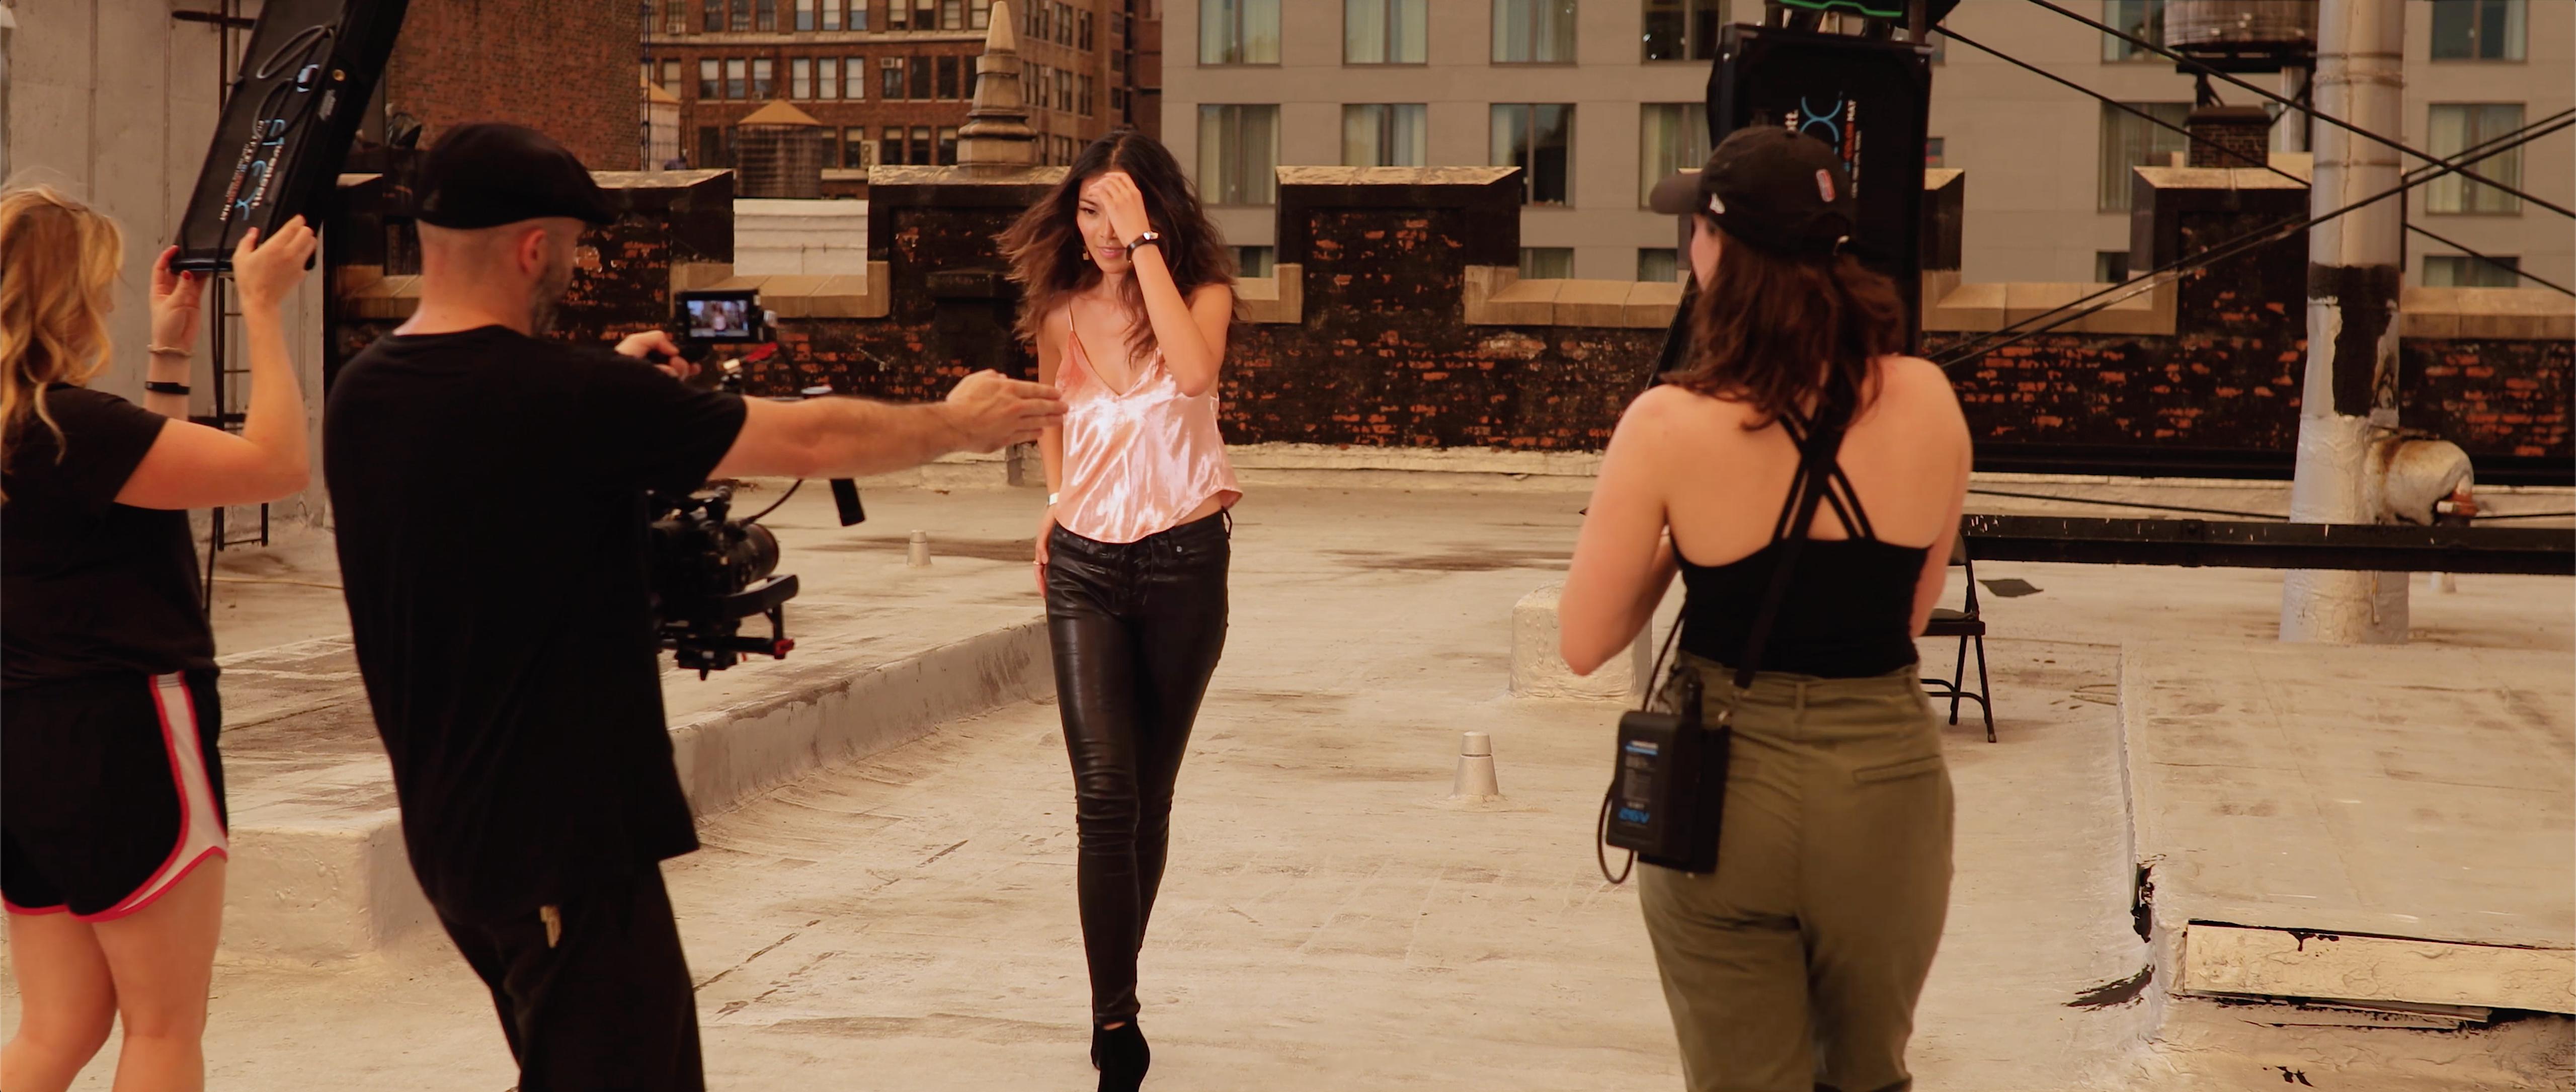 Fashion Film with Dave Geffin